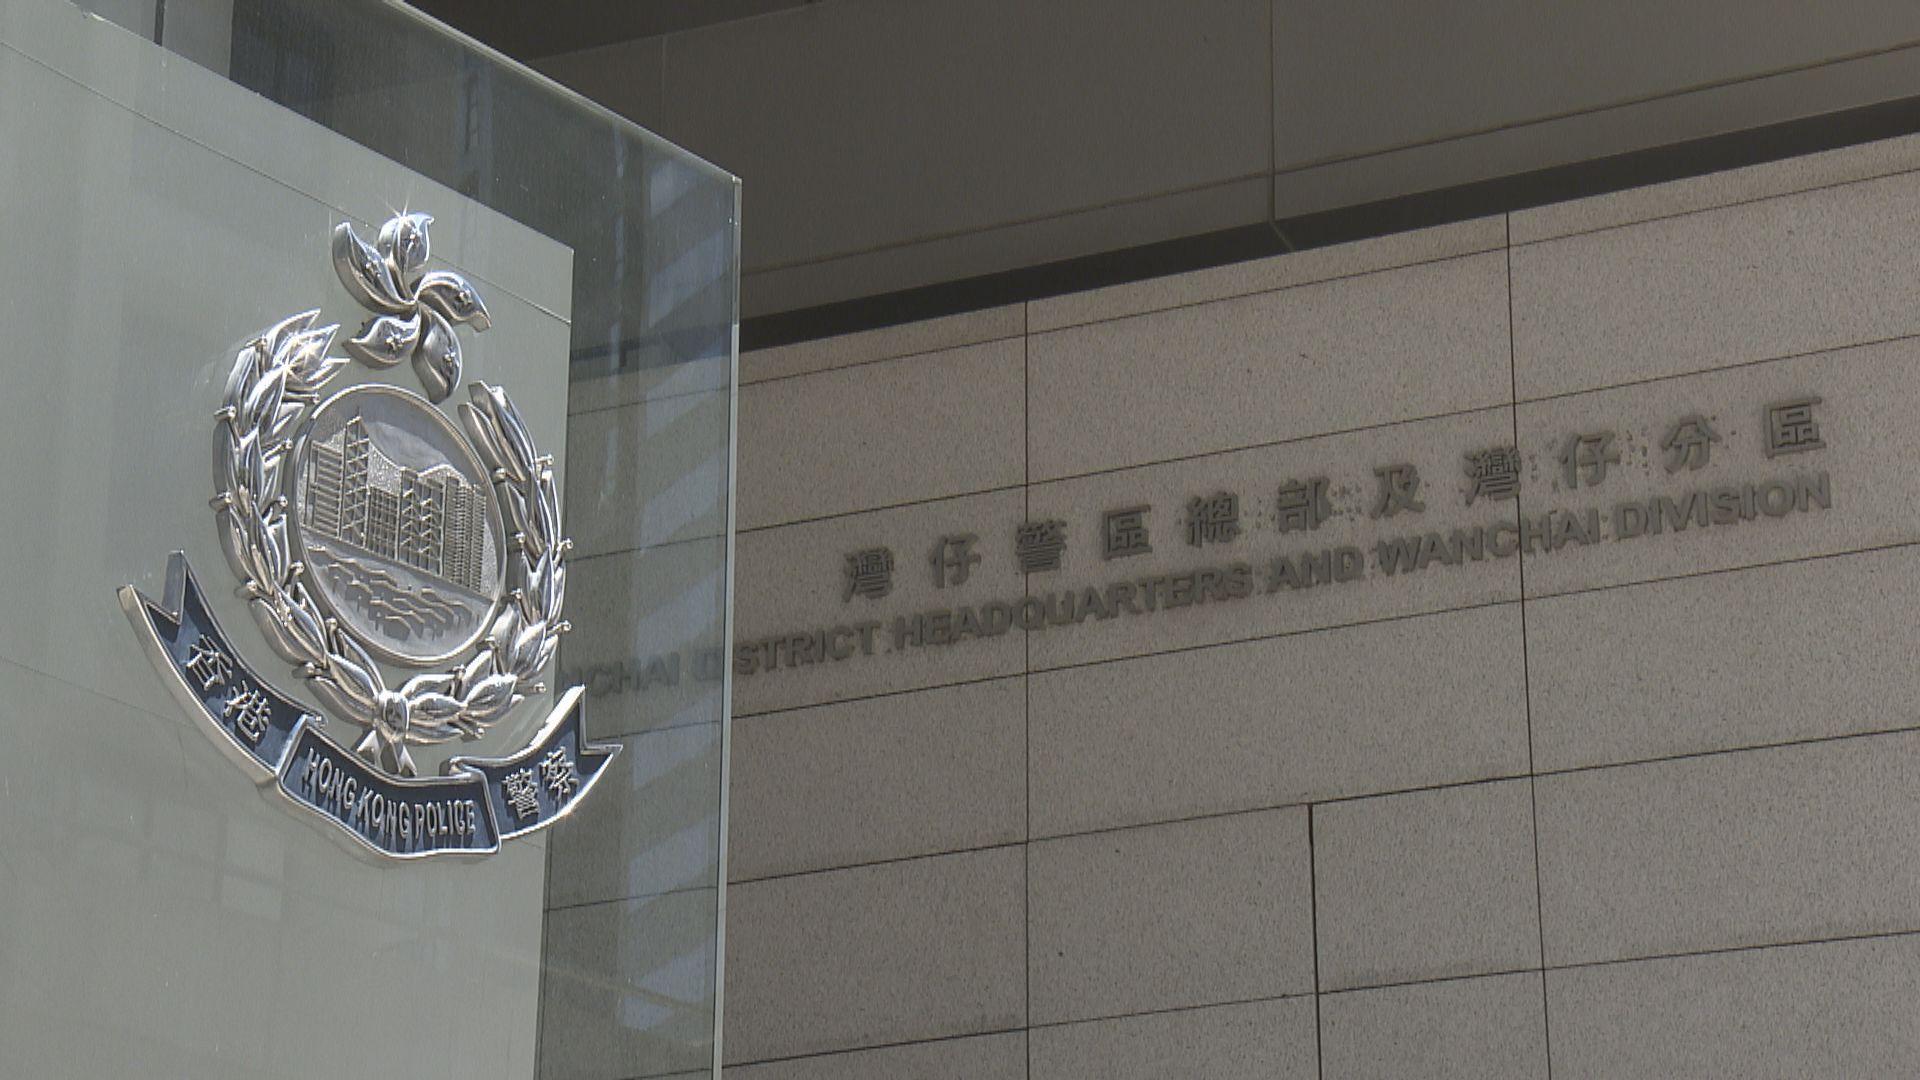 警方:收到報案指女子警署內遭輪姦 但調查結果與指控不符